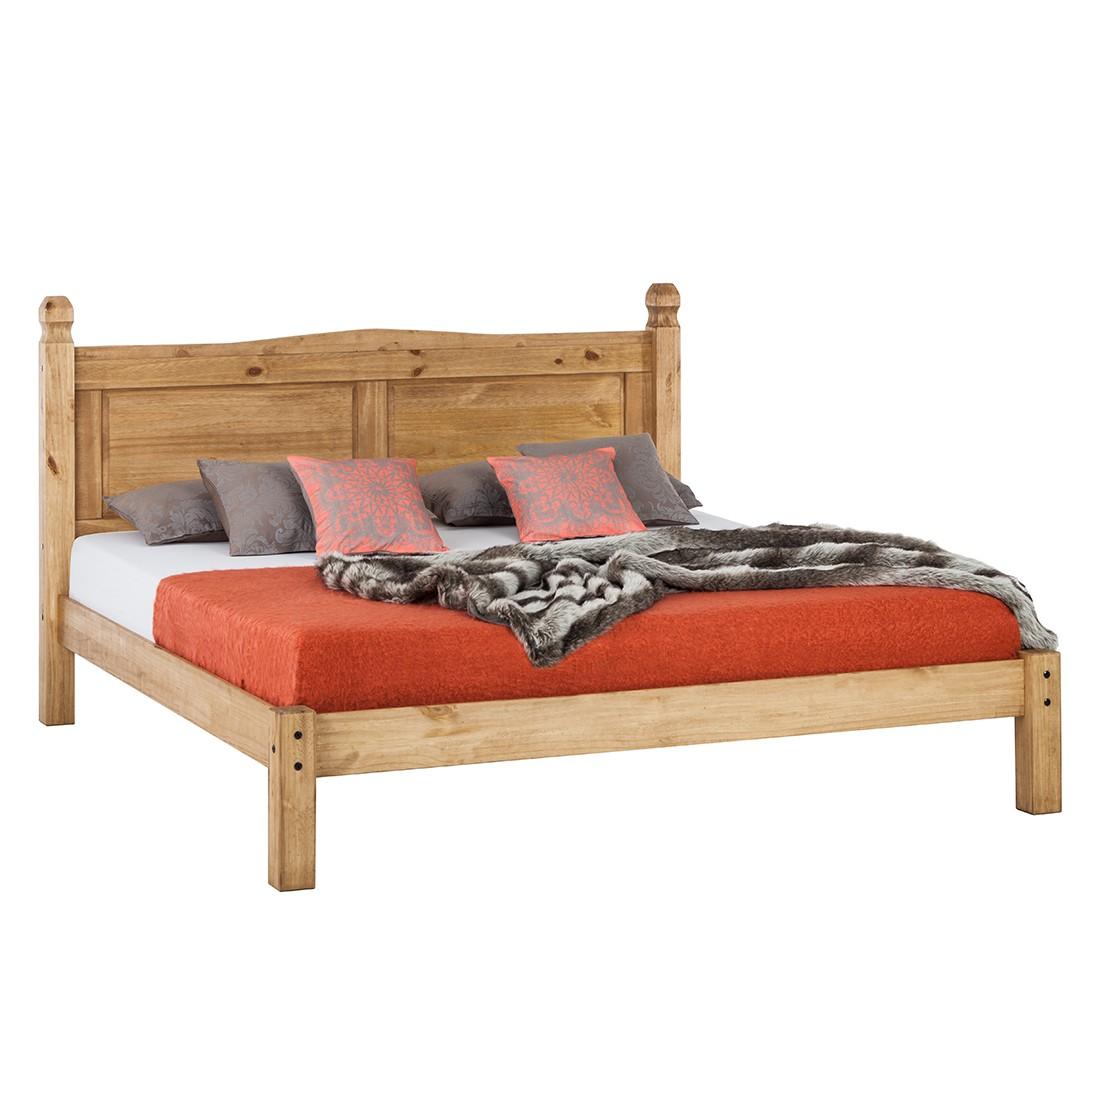 futonbett 140 200 preisvergleich die besten angebote online kaufen. Black Bedroom Furniture Sets. Home Design Ideas